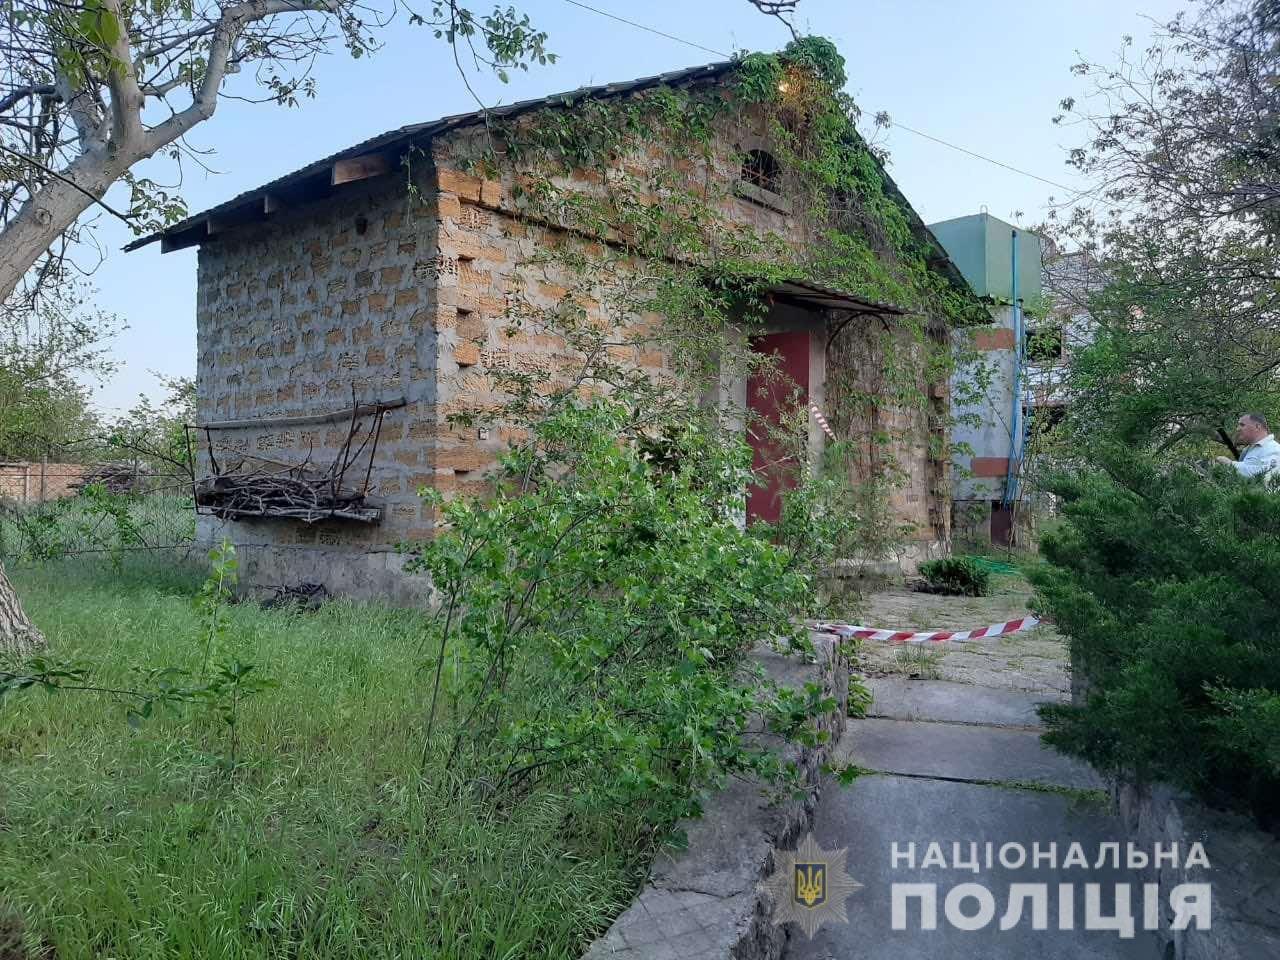 На Николаевщине местного жителя обнаружили закопанным в собственном дворе, - ФОТО, фото-1